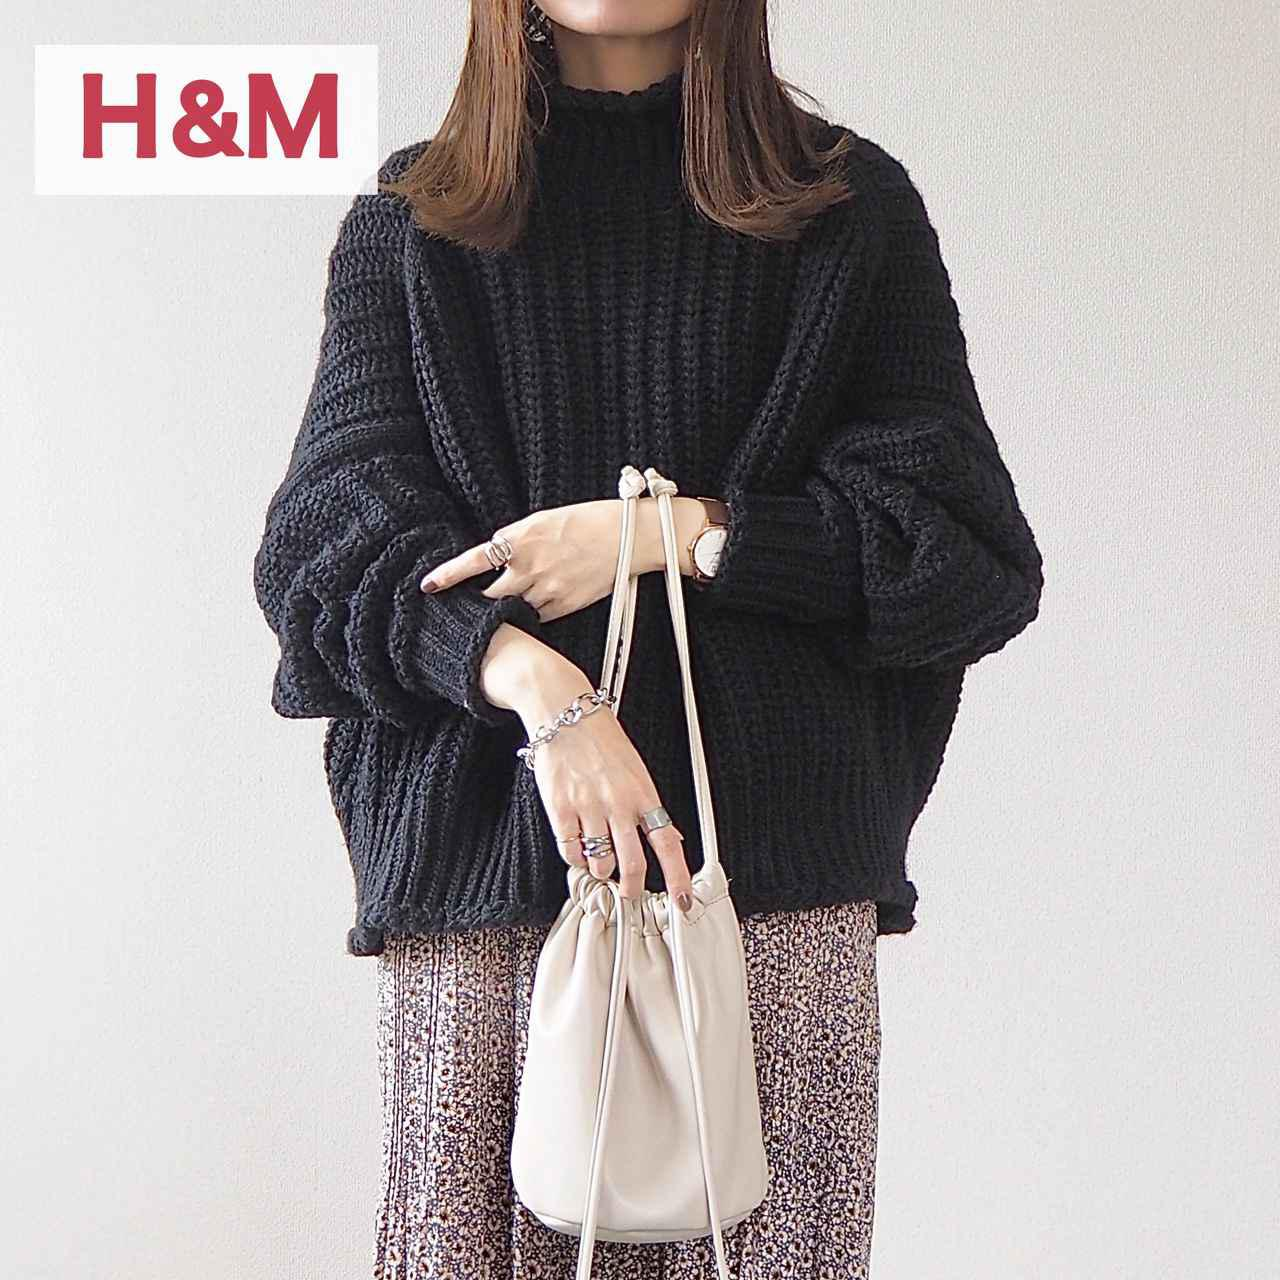 画像: 【H&M】毎年大人気のリブニットセーター!今年はこのカラーを追加購入♩ - senken trend news-最新ファッションニュース